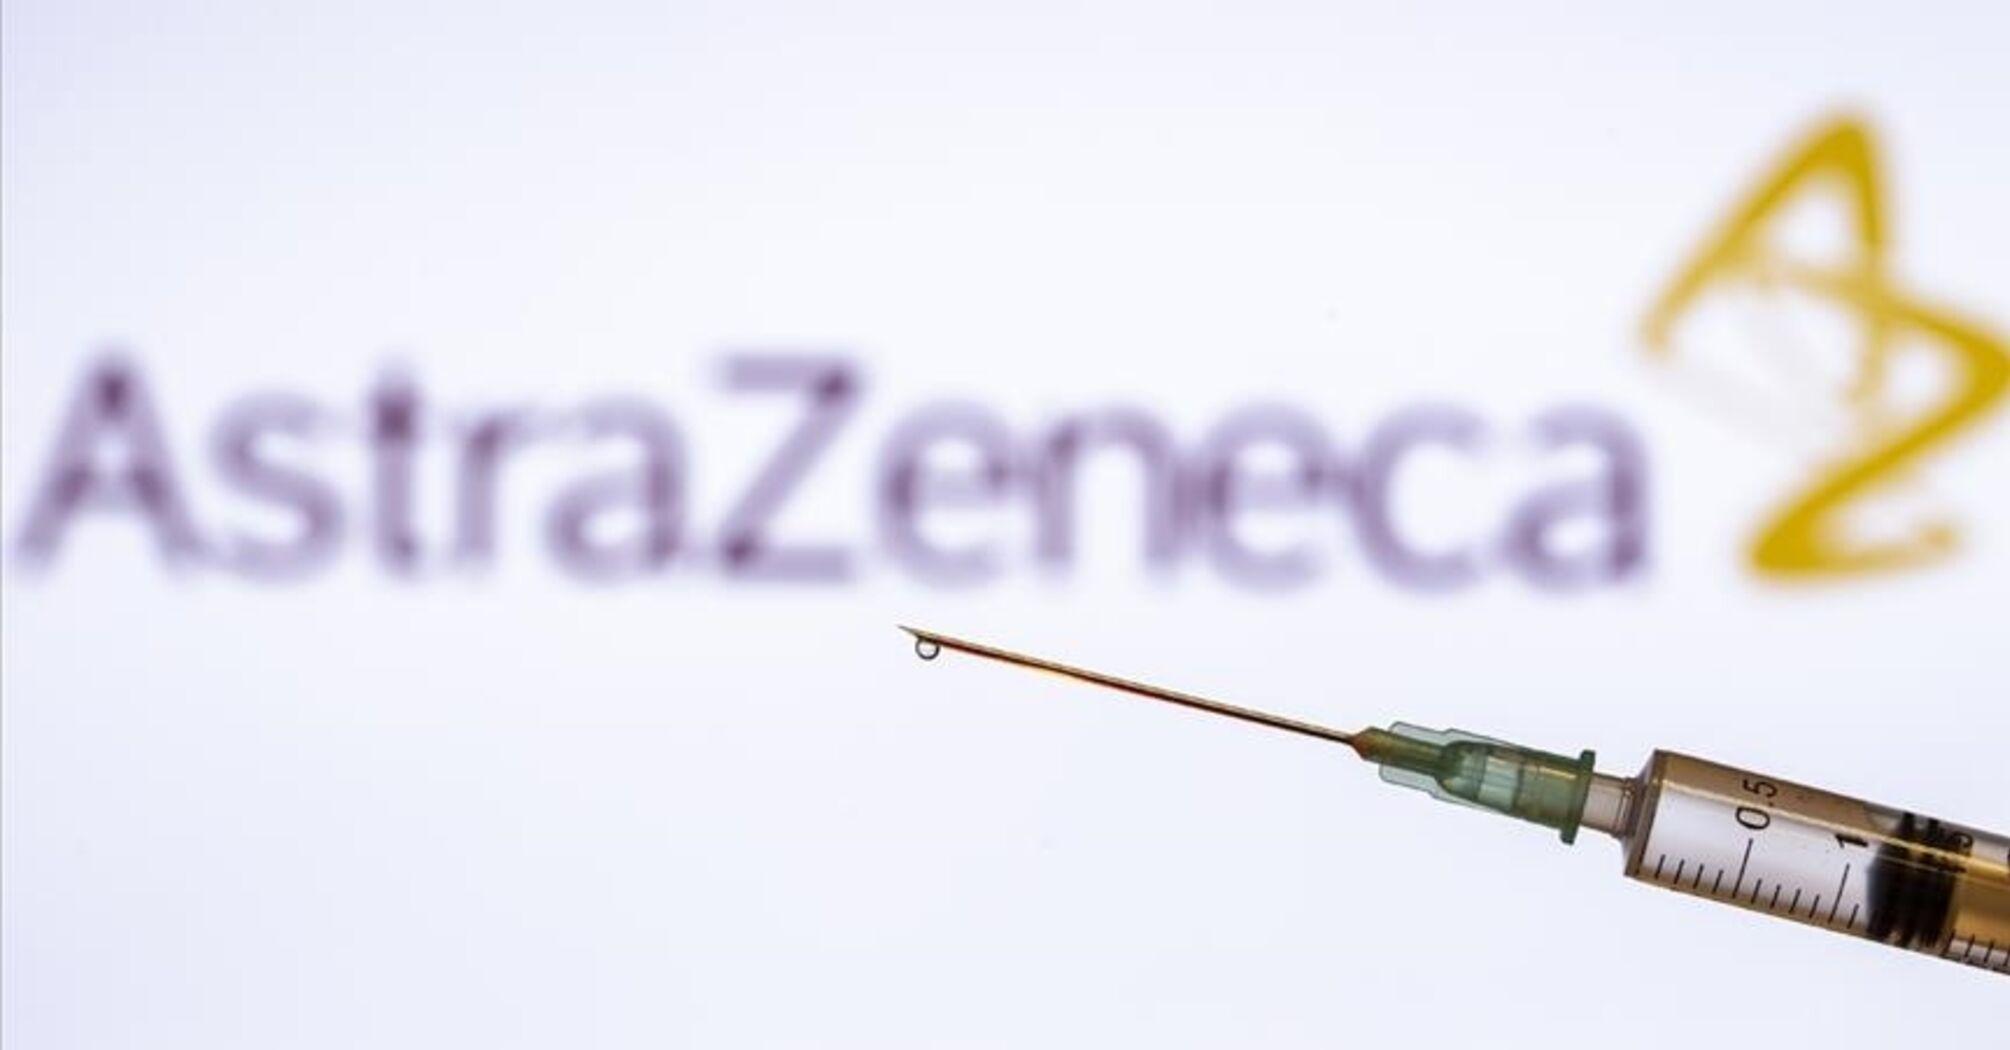 ВОЗ и медики призвали вакцинироваться AstraZeneca, несмотря на опасения